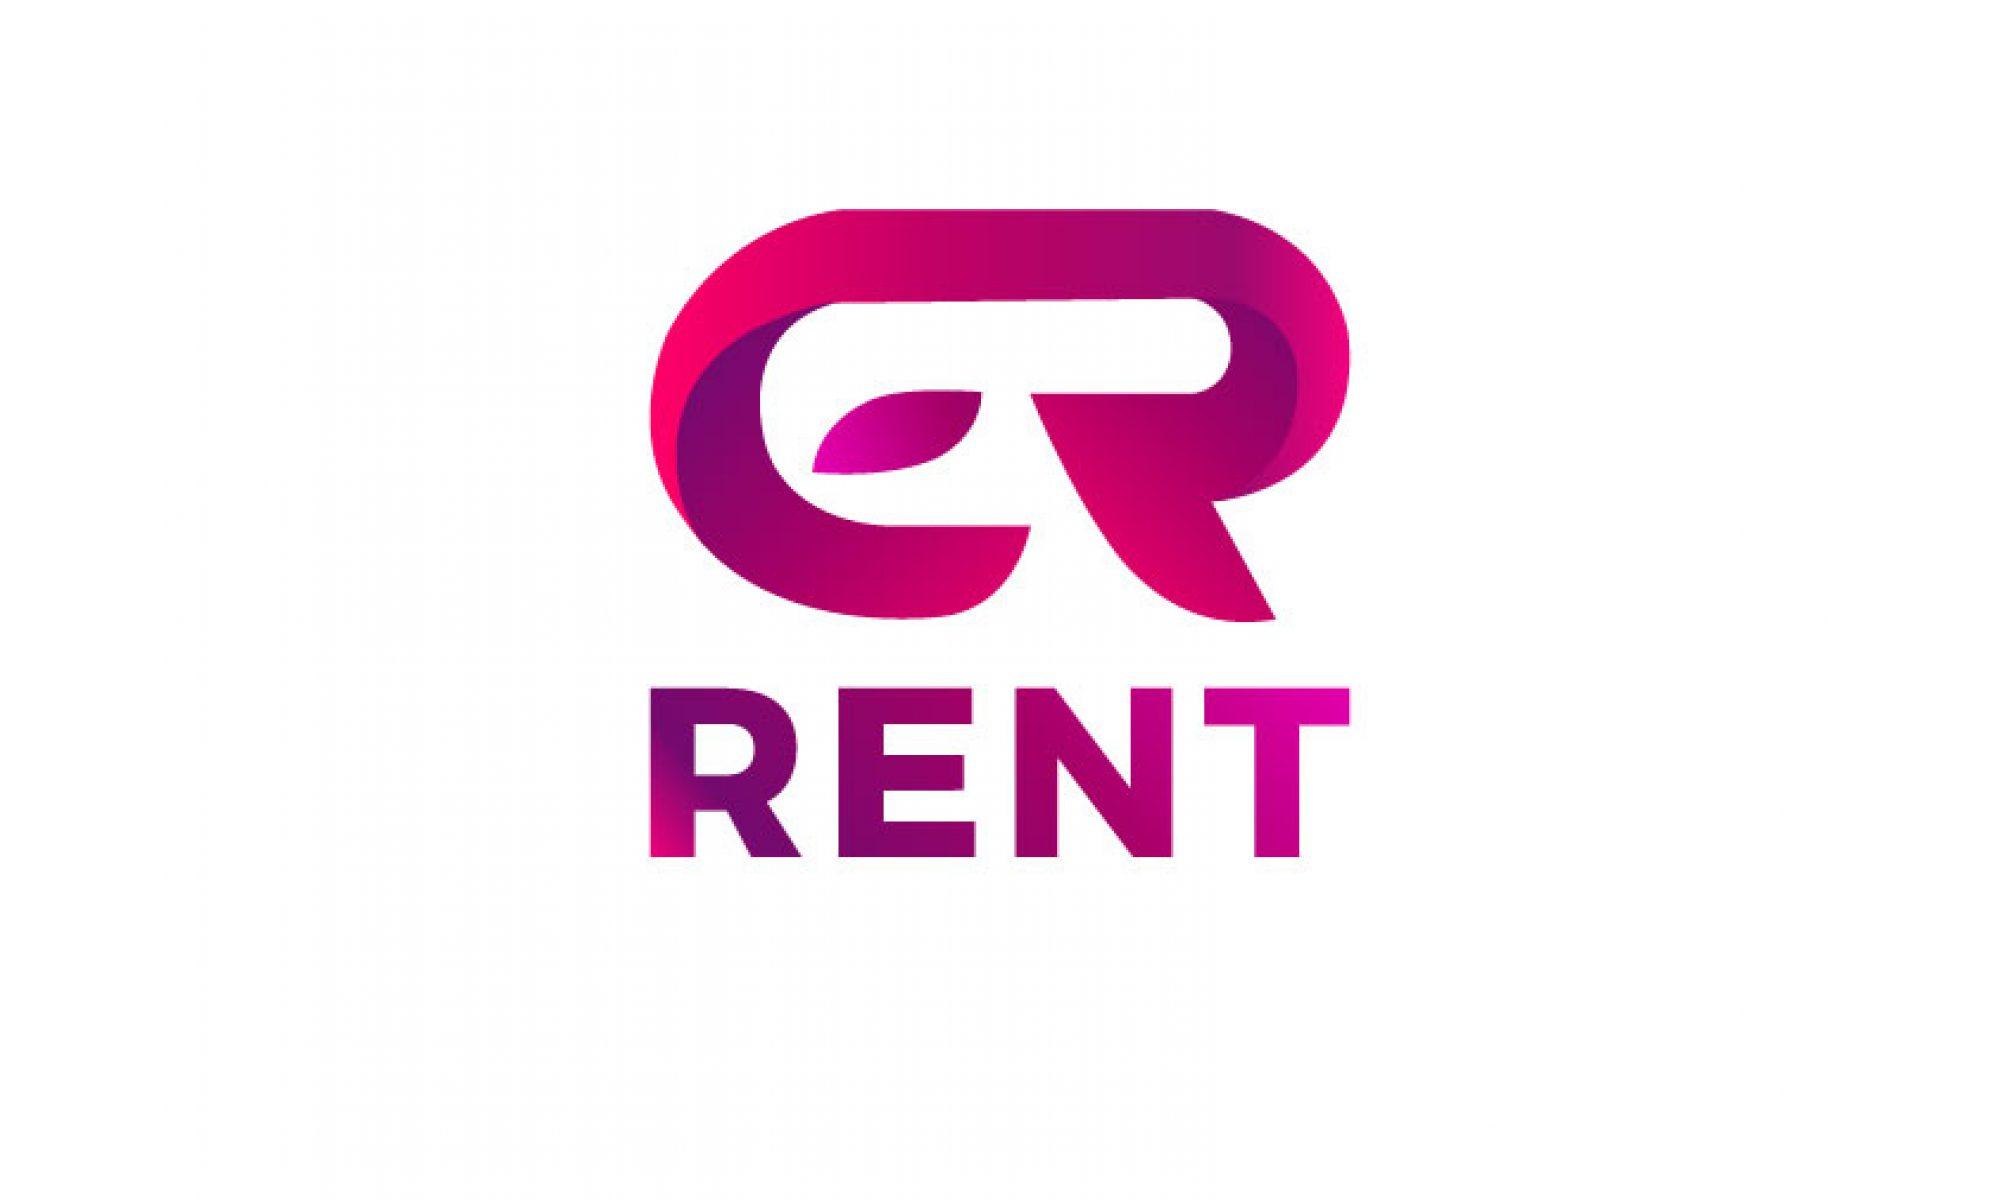 ER rent